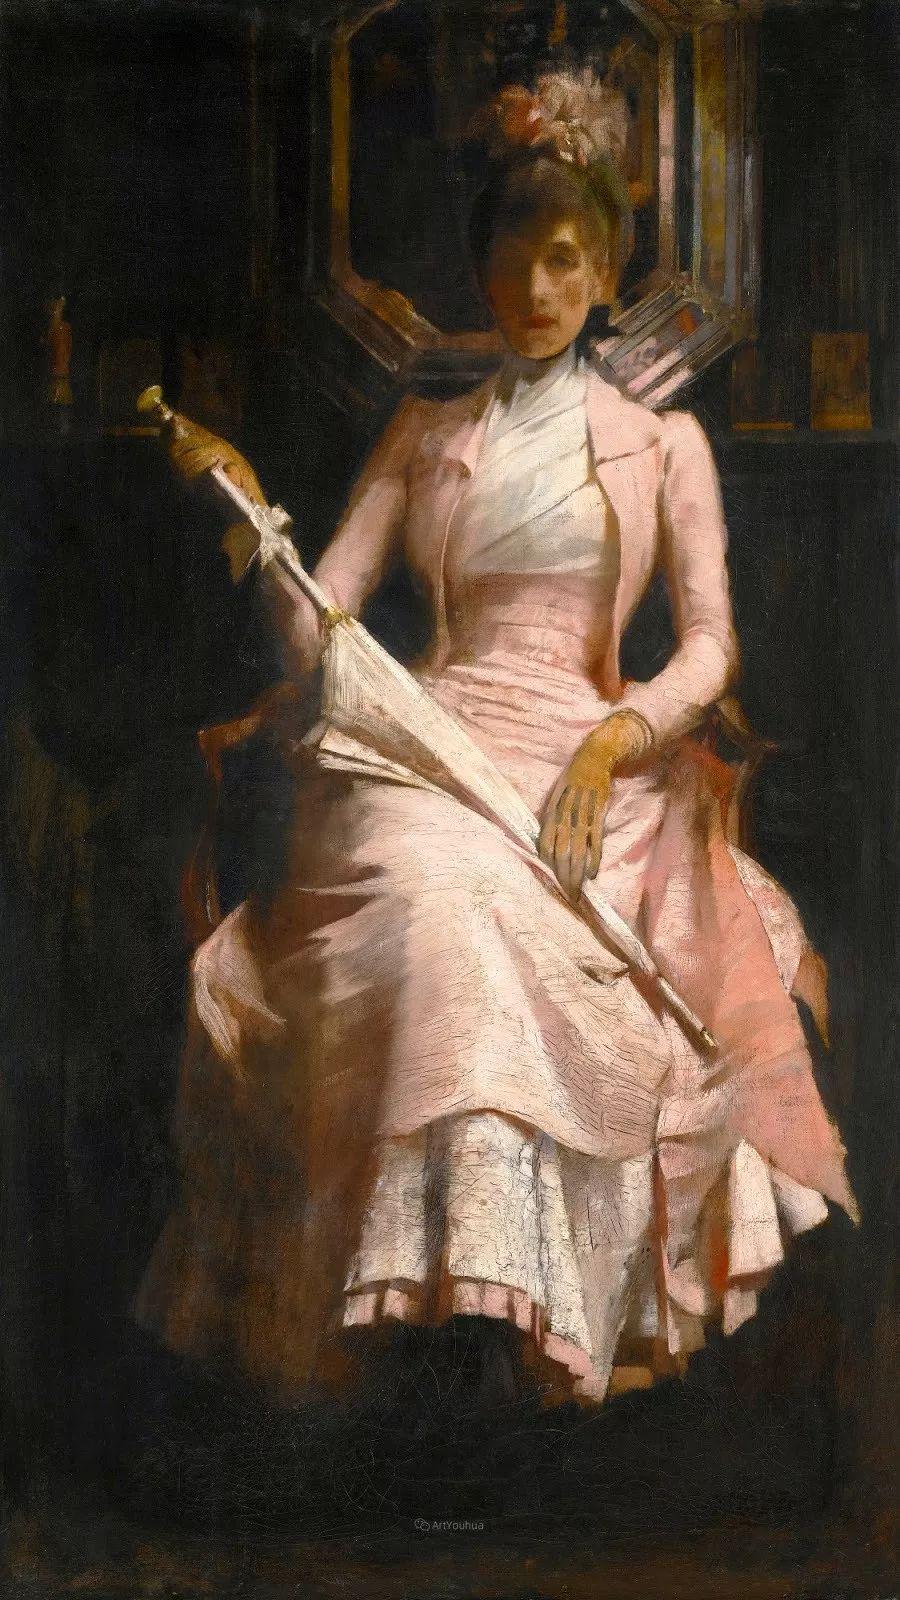 画家笔下苗条的女子,美丽优雅!英裔美国画家James Jebusa Shannon插图37